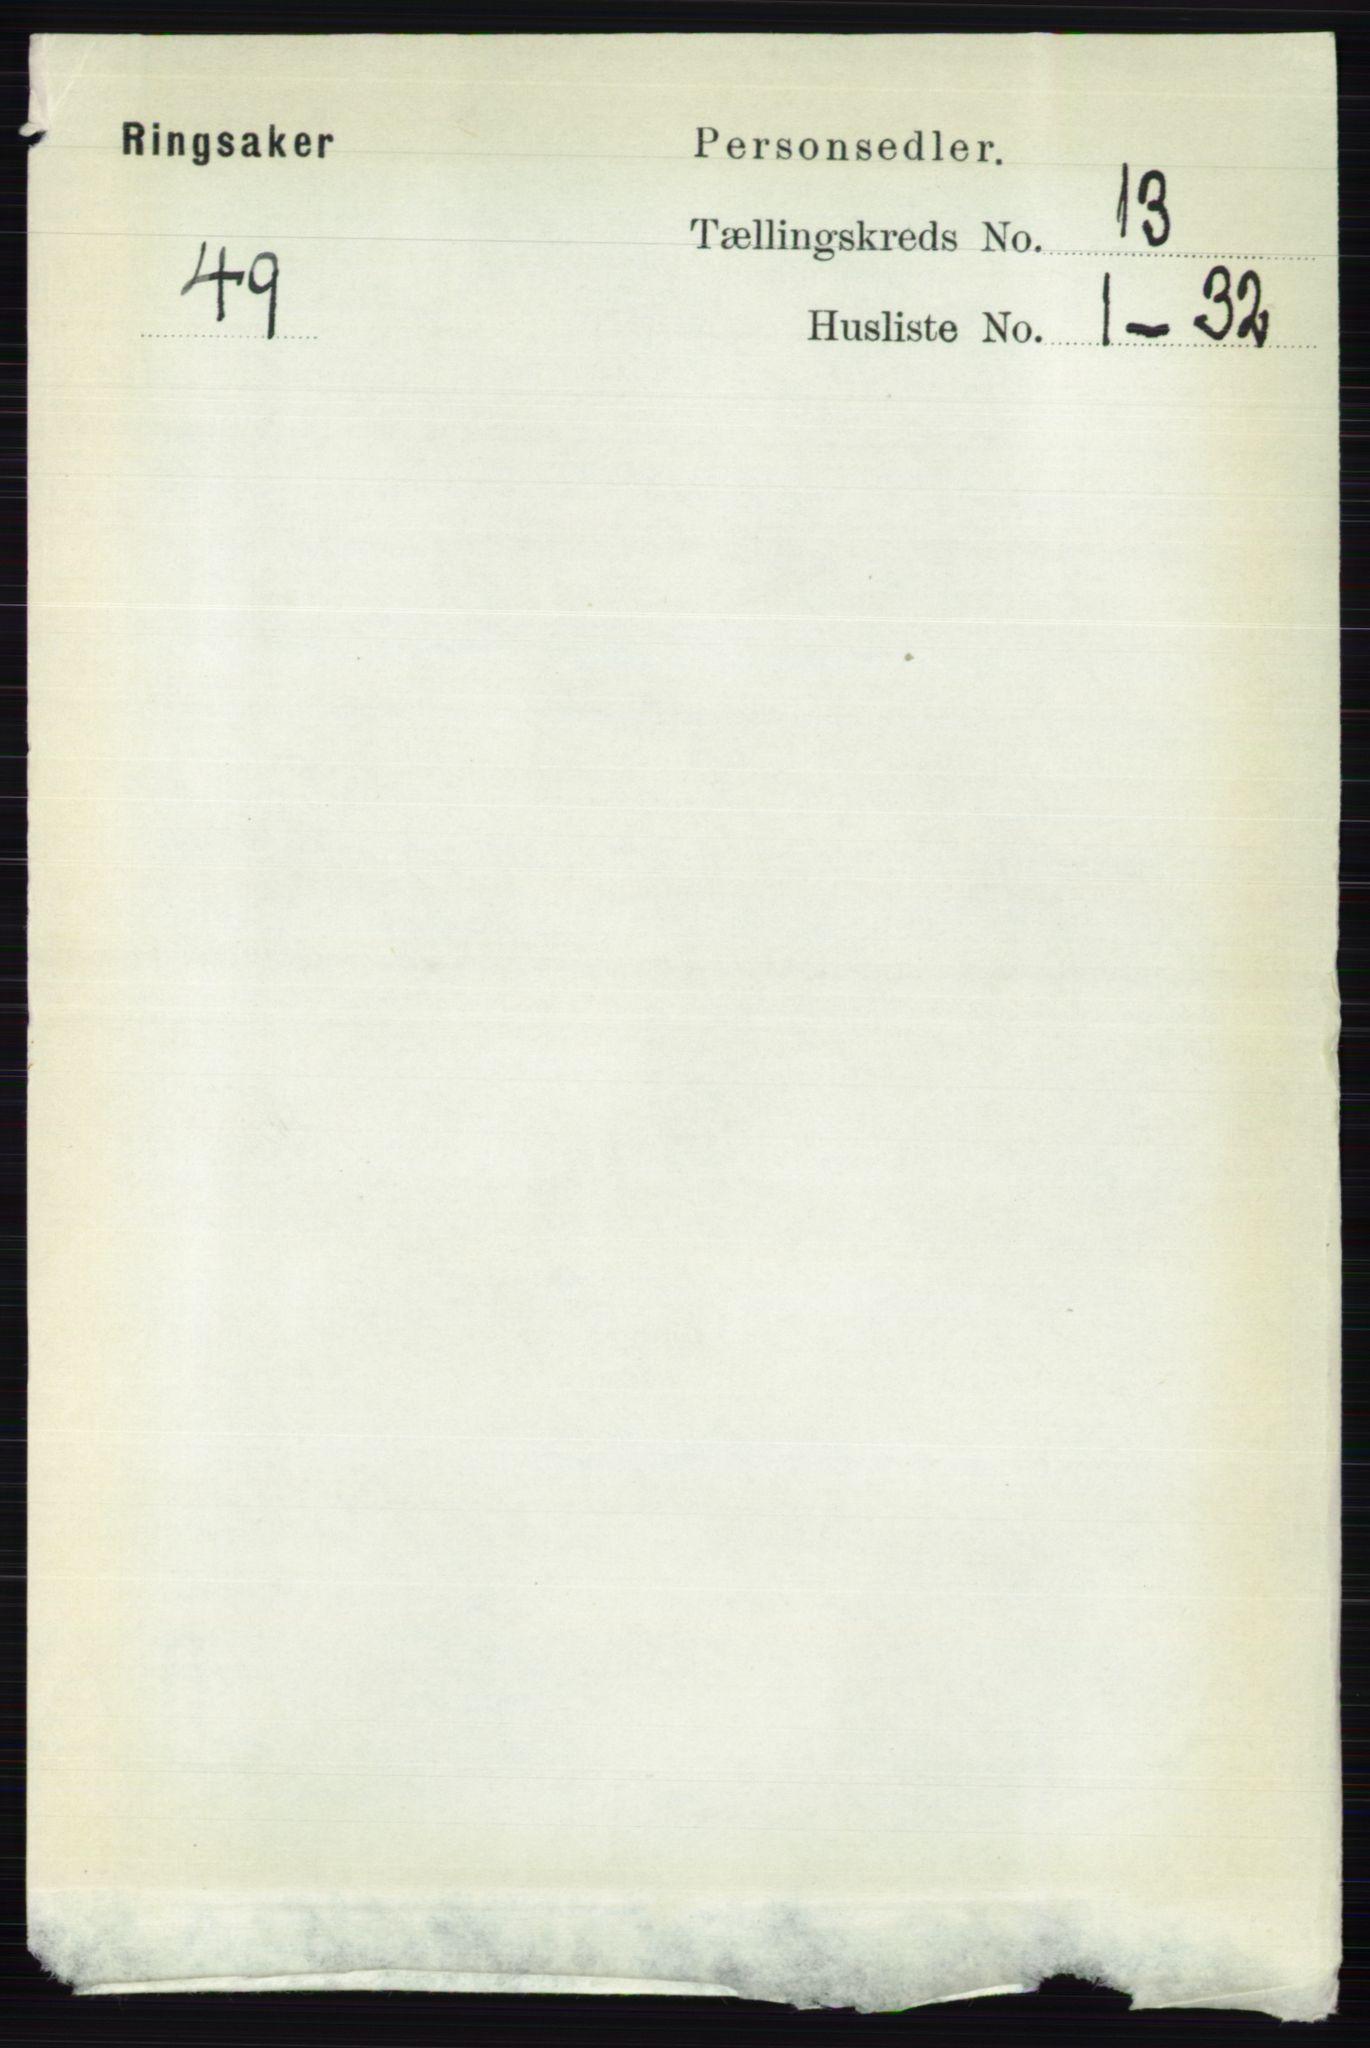 RA, Folketelling 1891 for 0412 Ringsaker herred, 1891, s. 7208